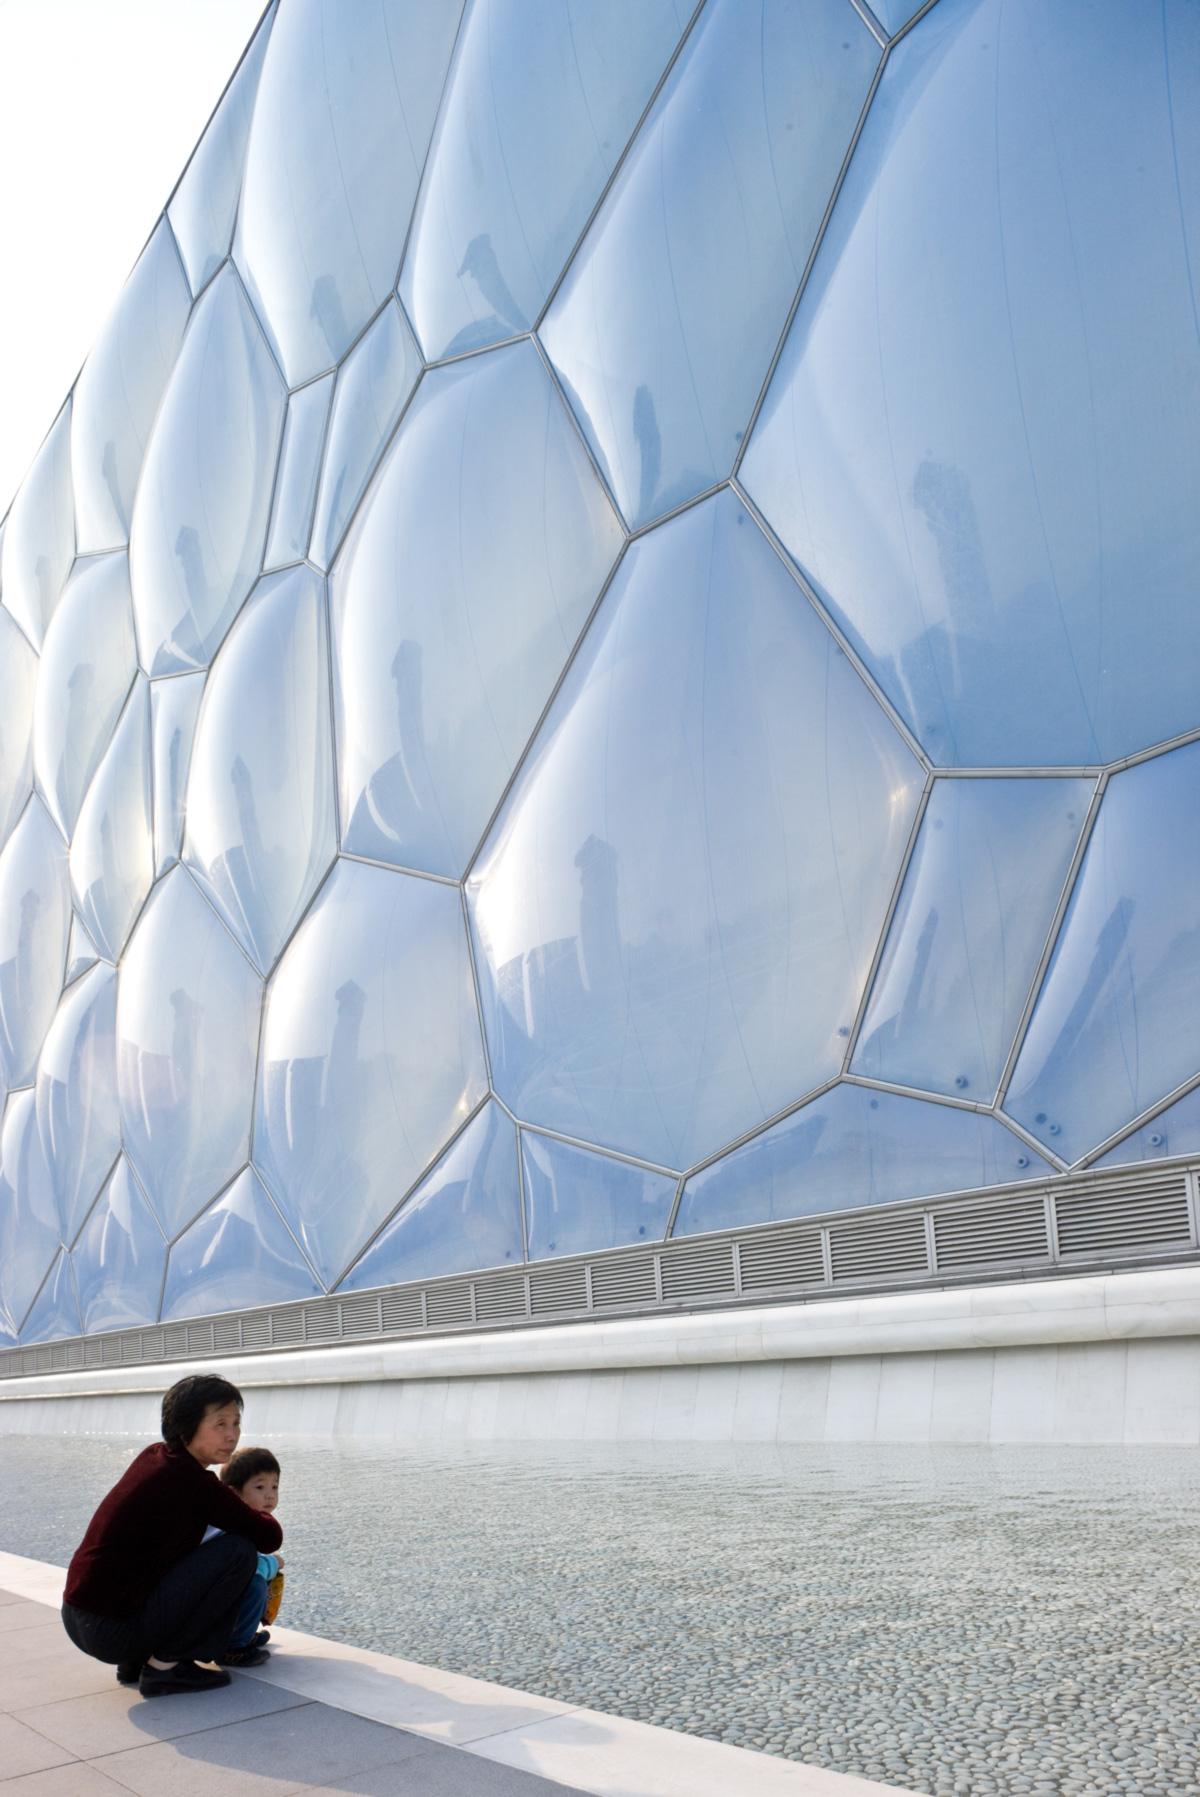 O revestimento de almofadas de plástico translúcido que evoca bolhas é a marca do Cubo d'Água